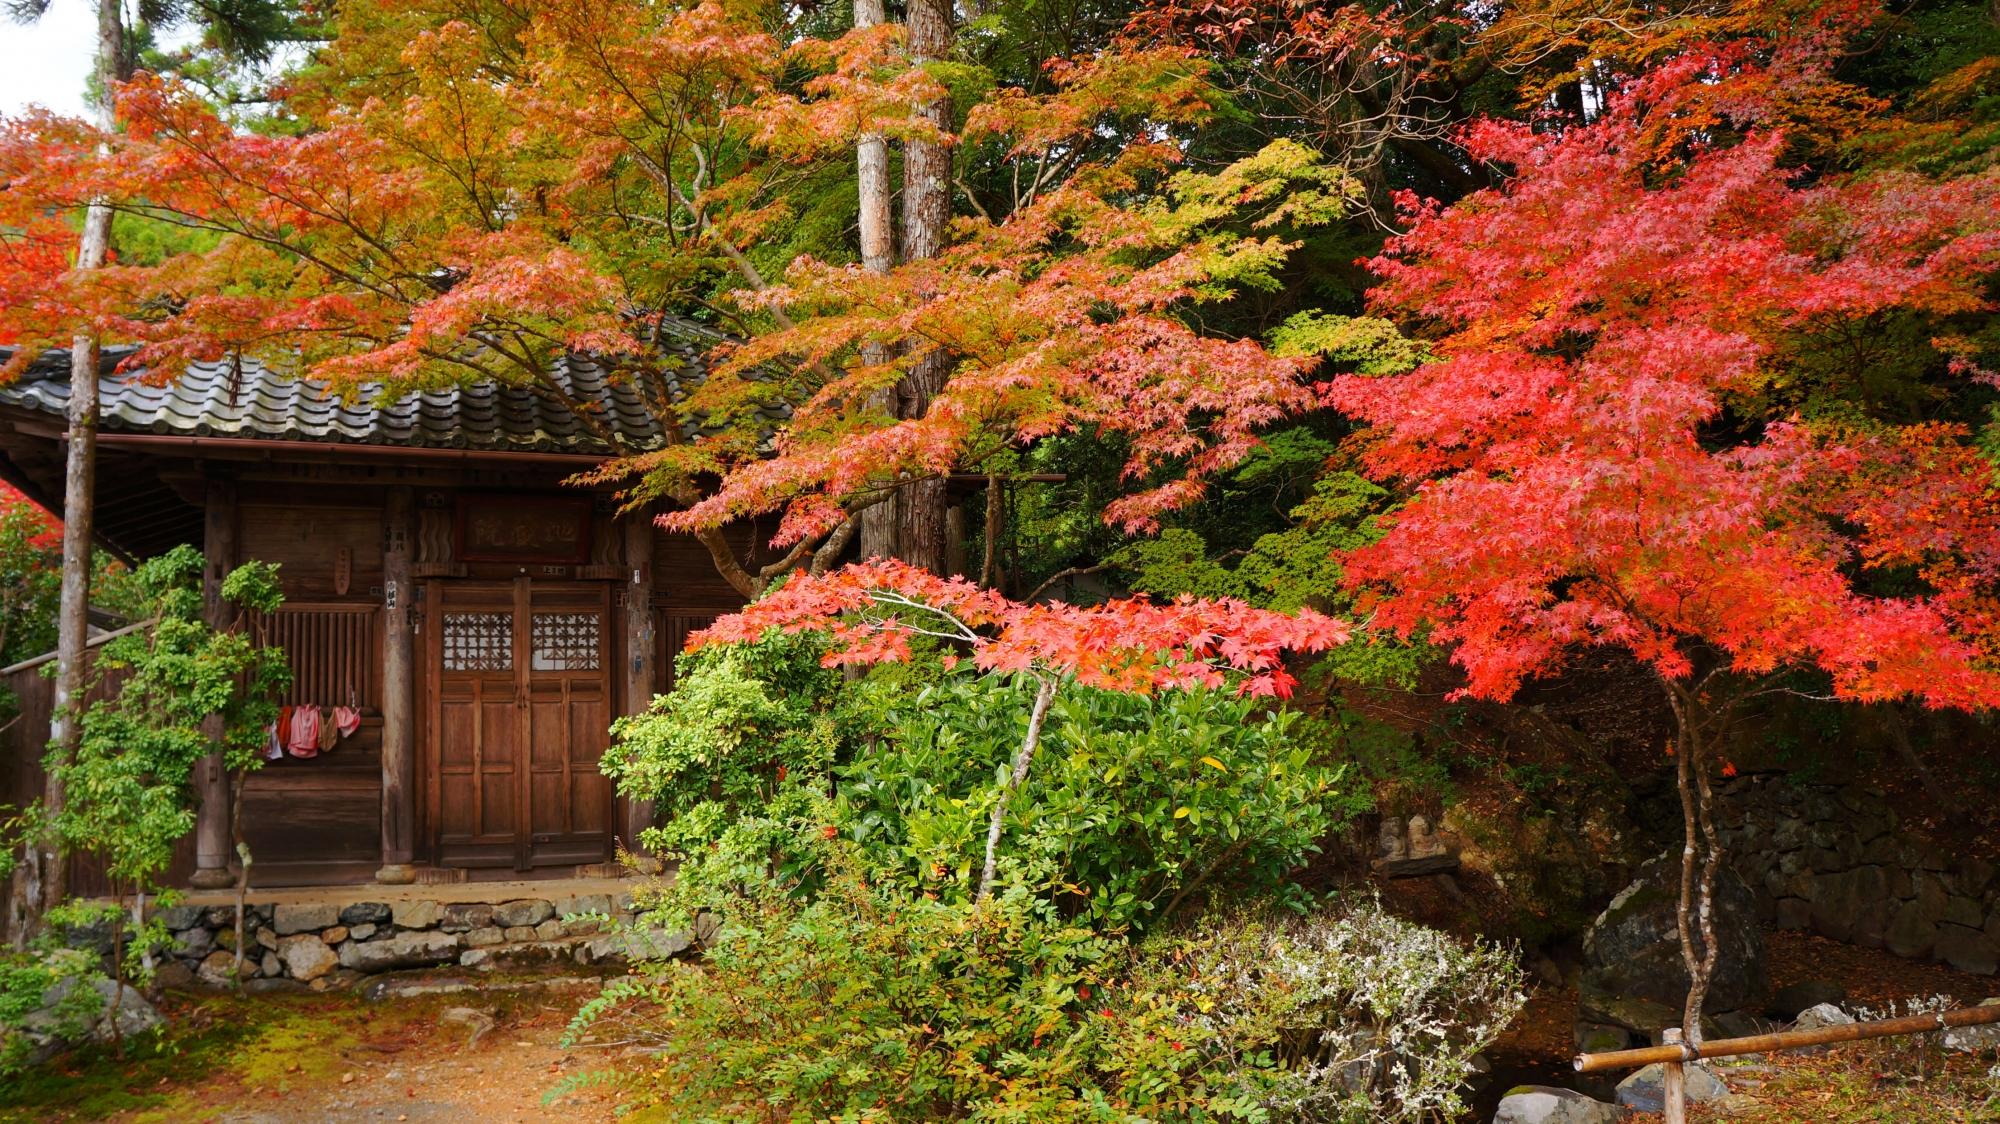 神護寺の地蔵院の紅葉